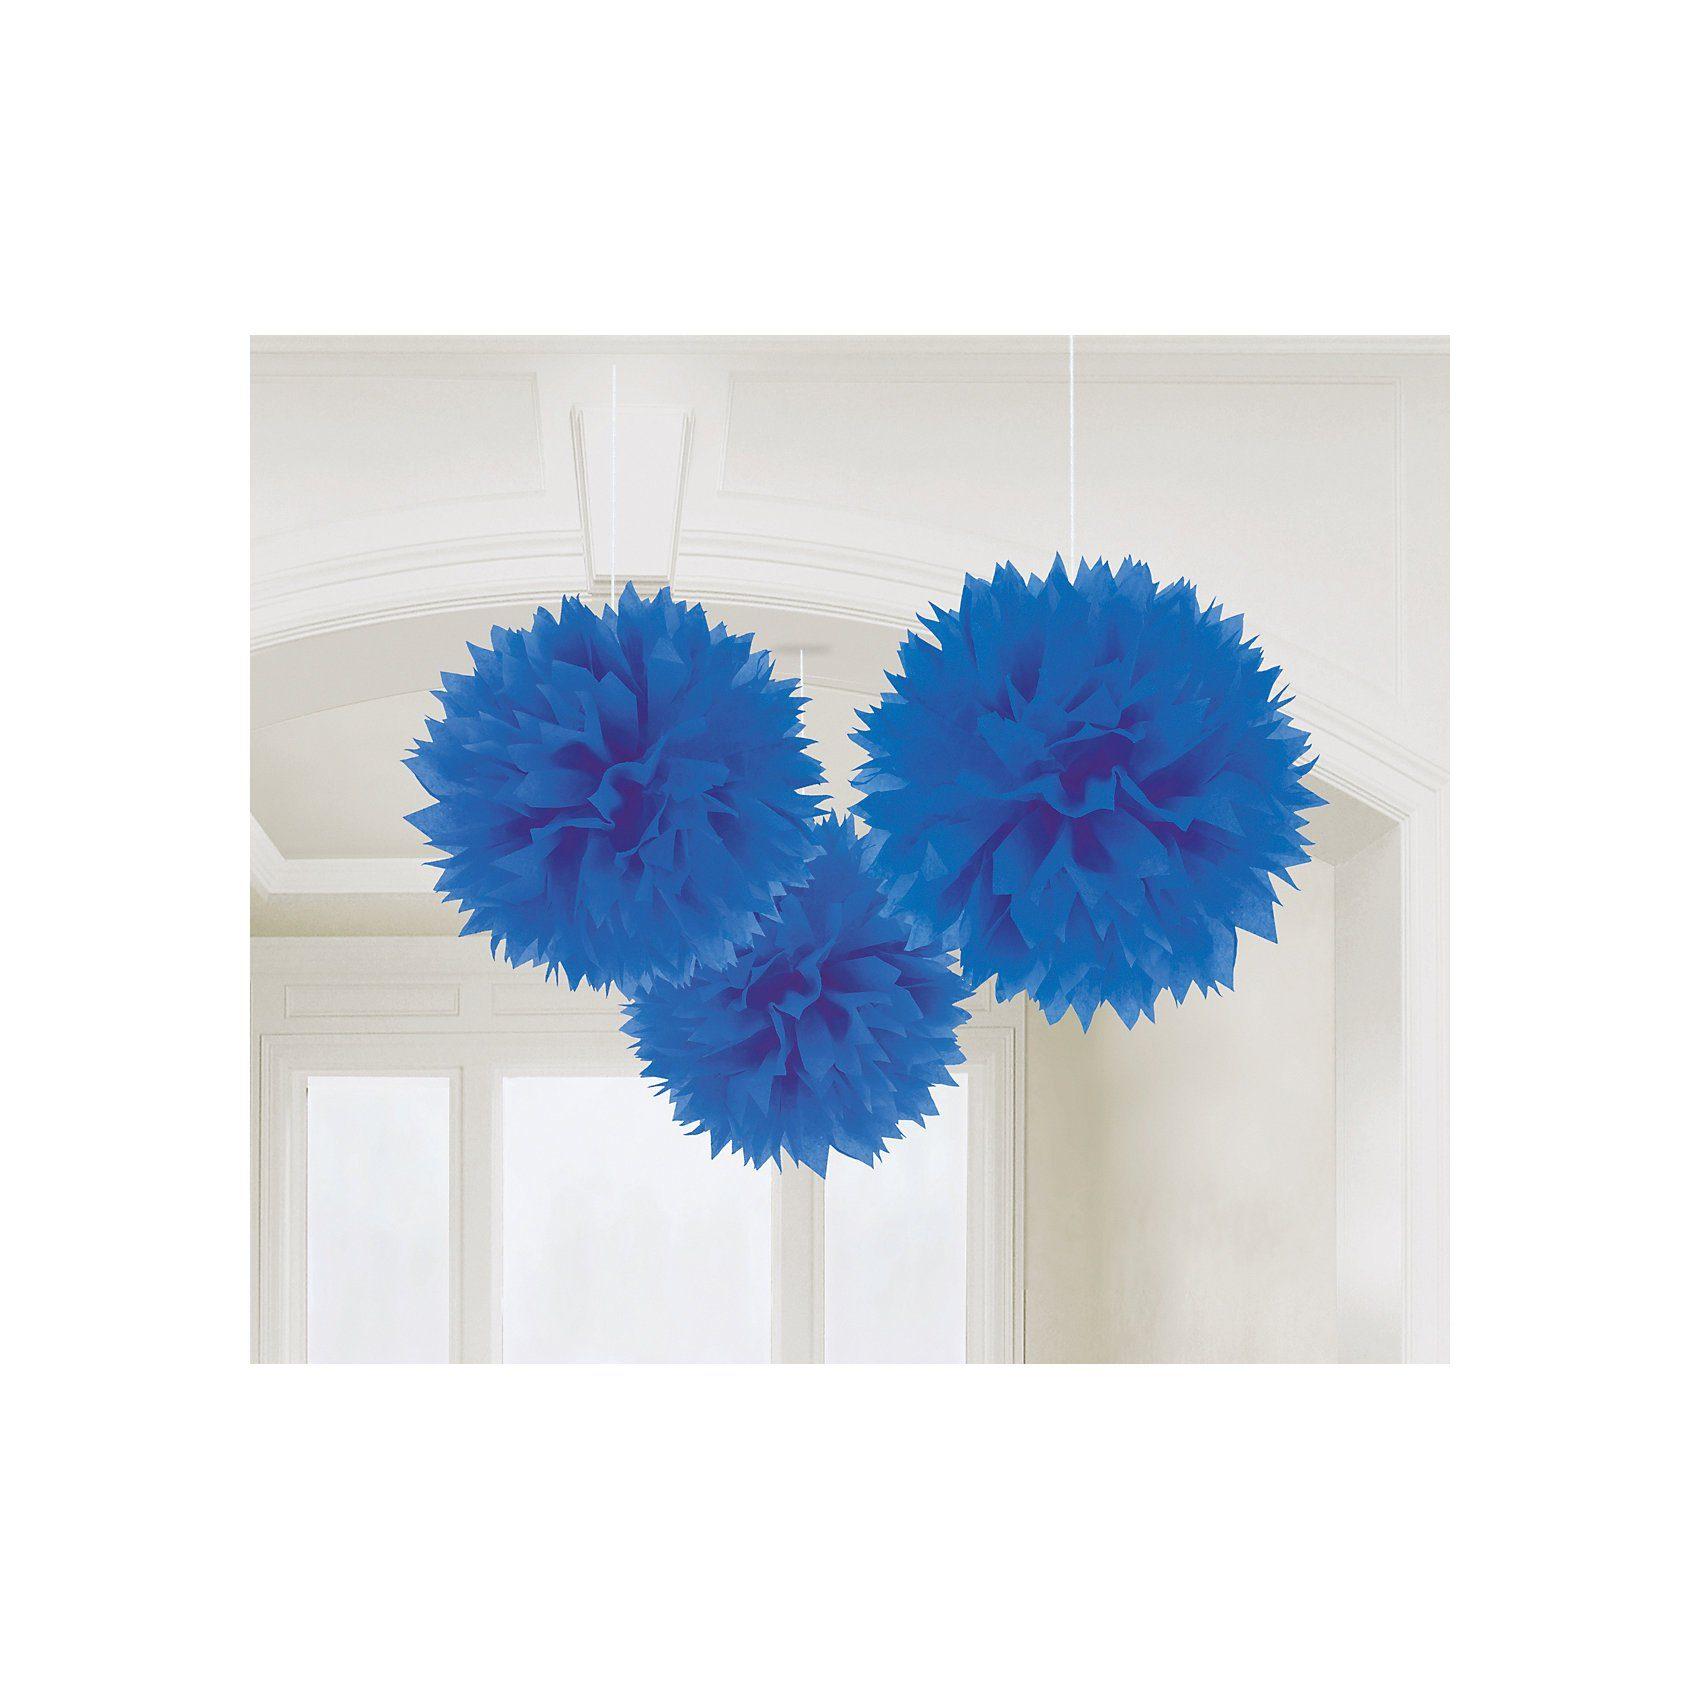 Amscan Pom Pom blau, 3 Stück